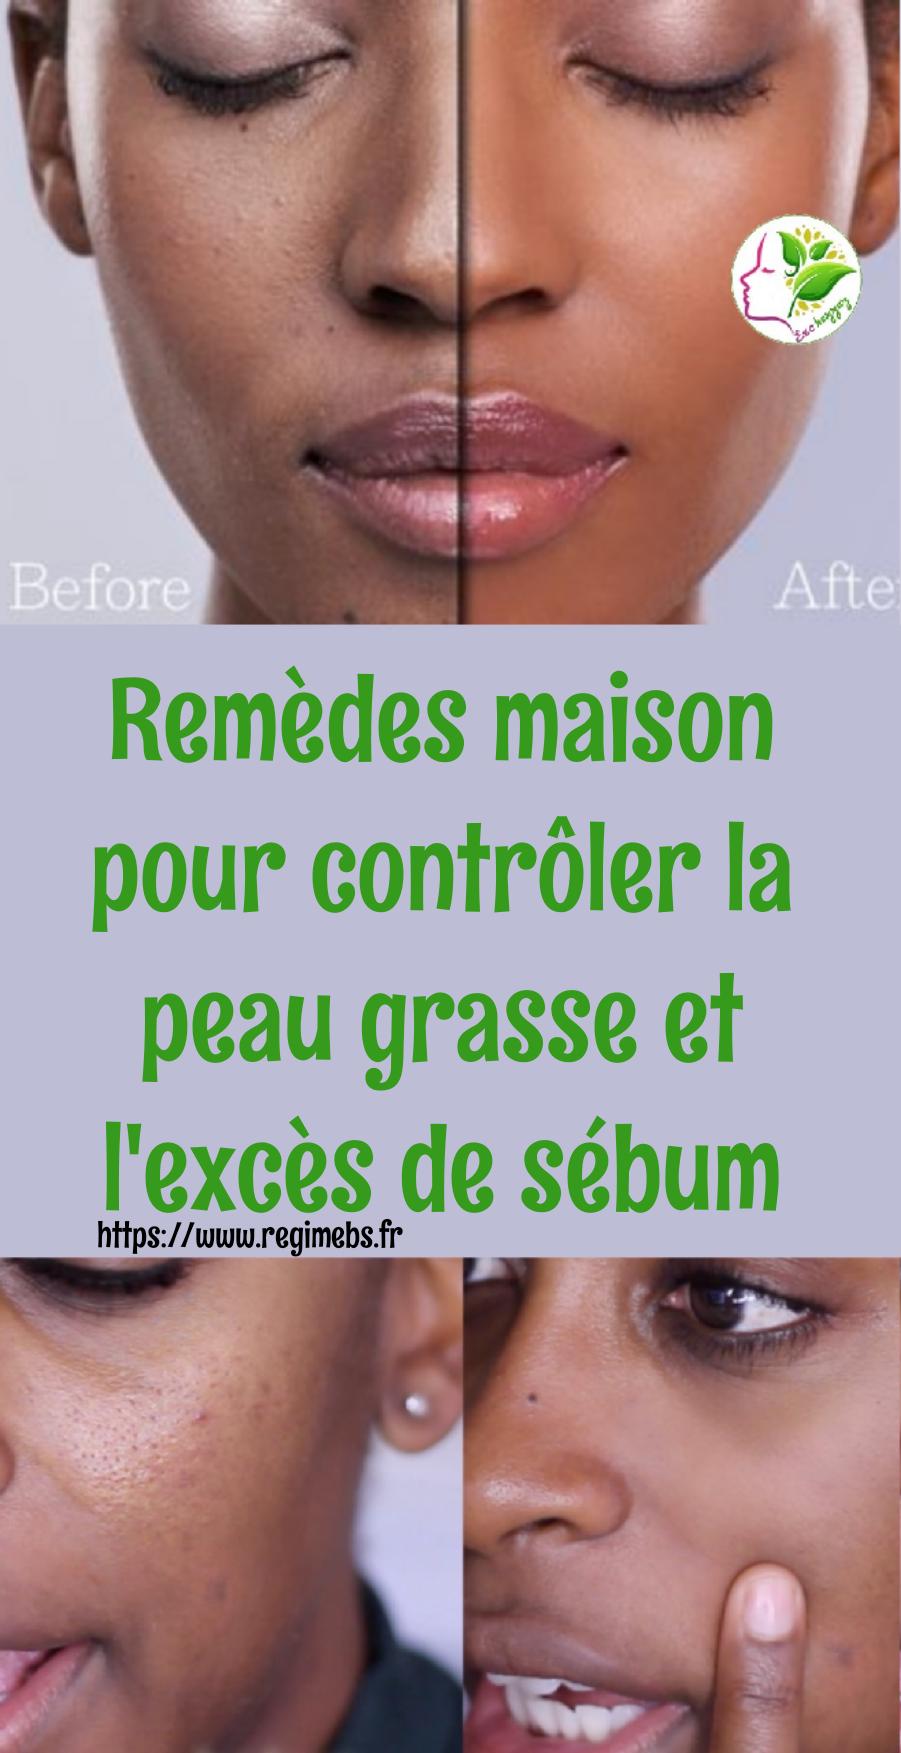 Remèdes maison pour contrôler la peau grasse et l'excès de sébum